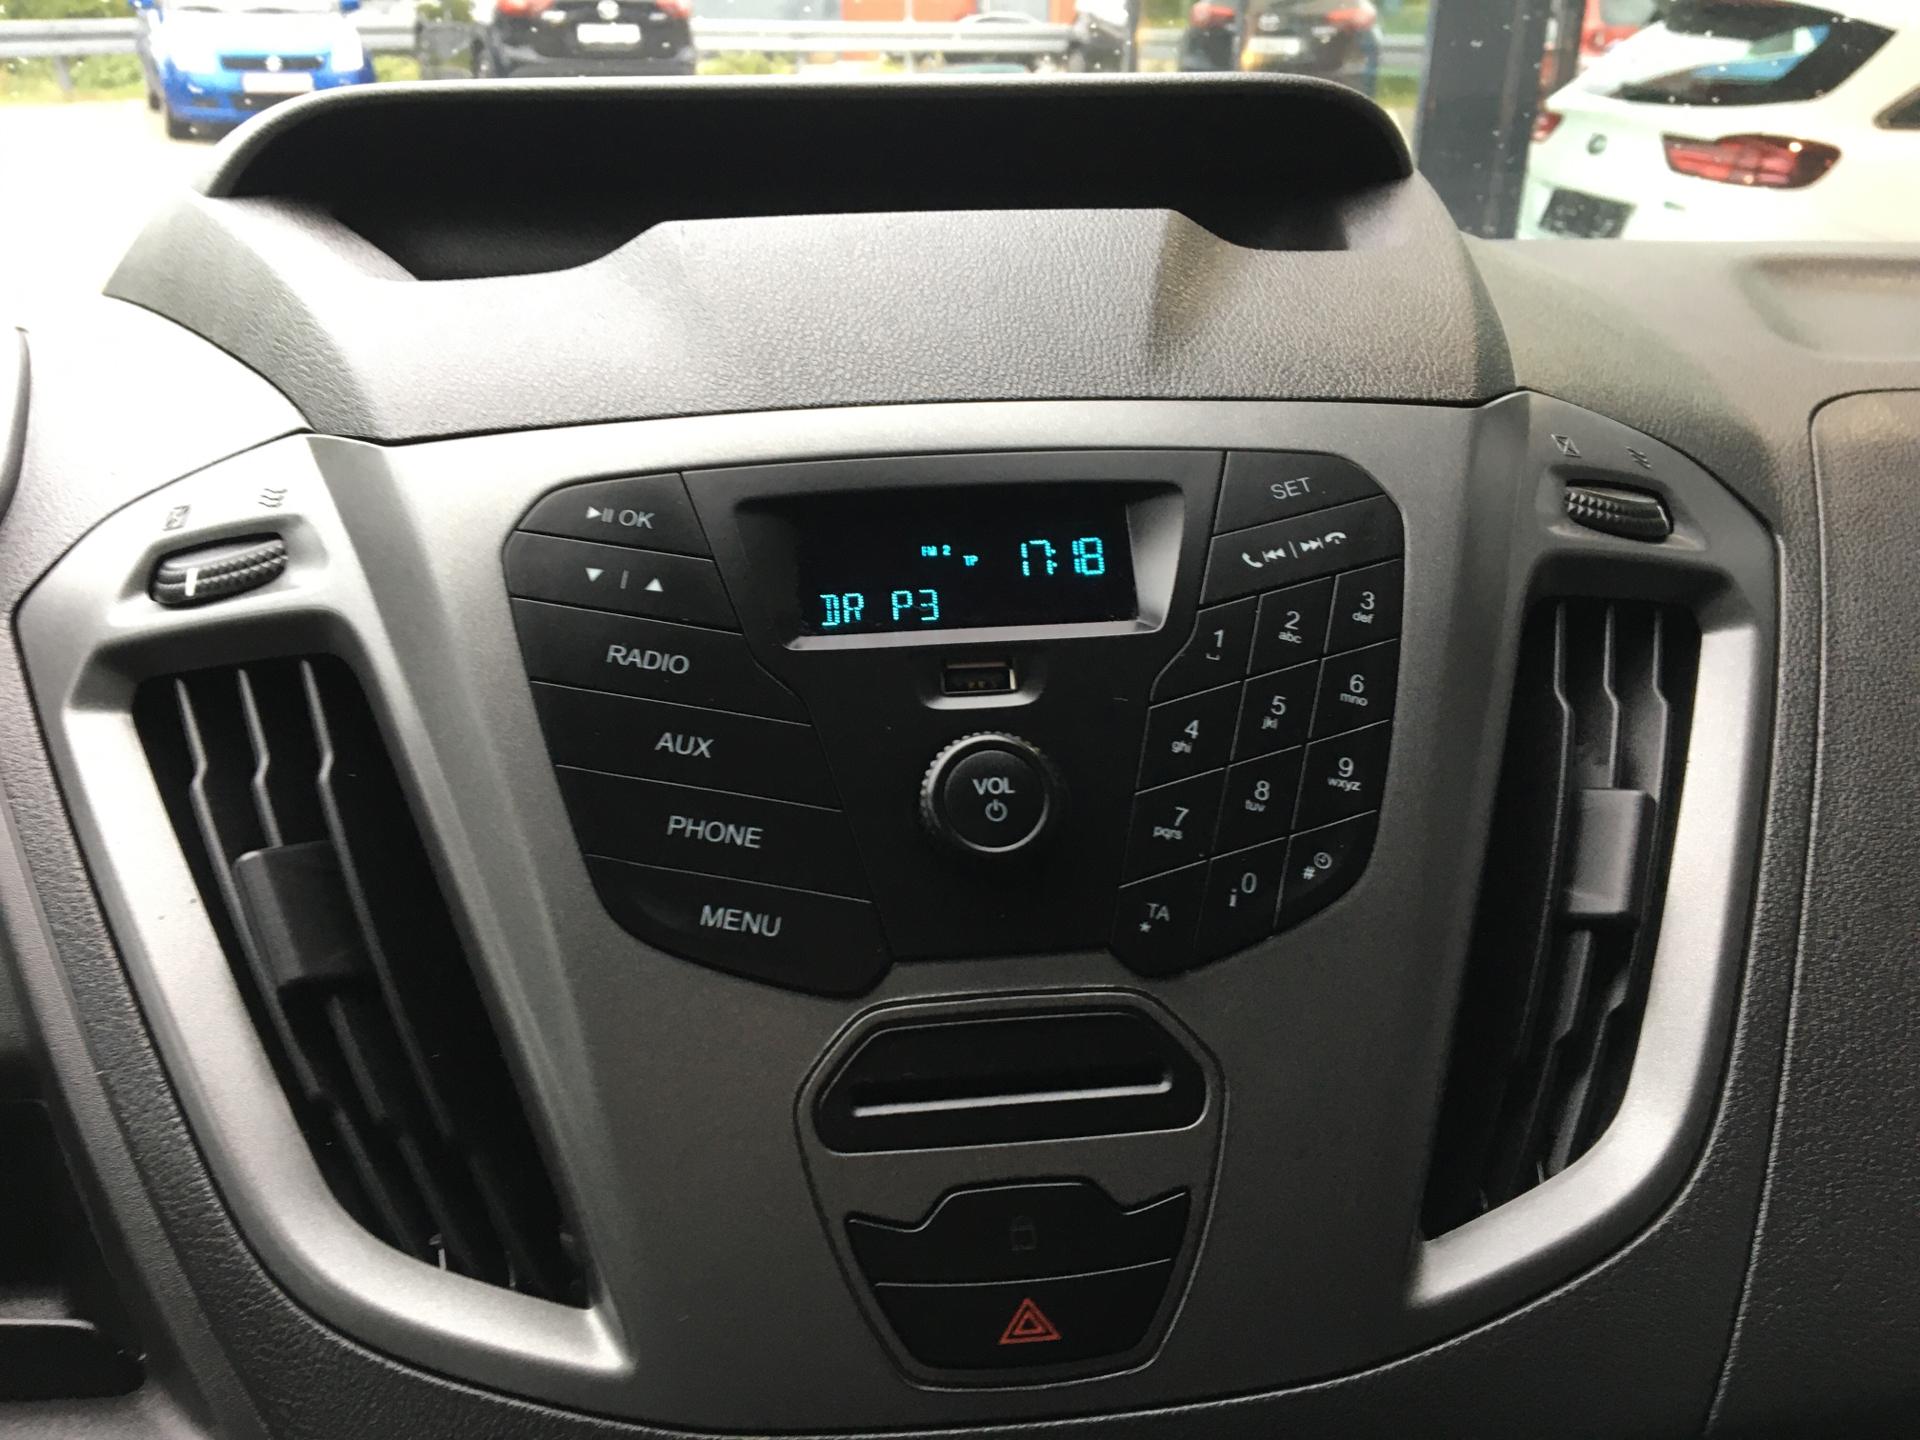 Billede af Ford Transit Custom 290 L1H1 2,0 TDCi Trend 105HK Van 6g